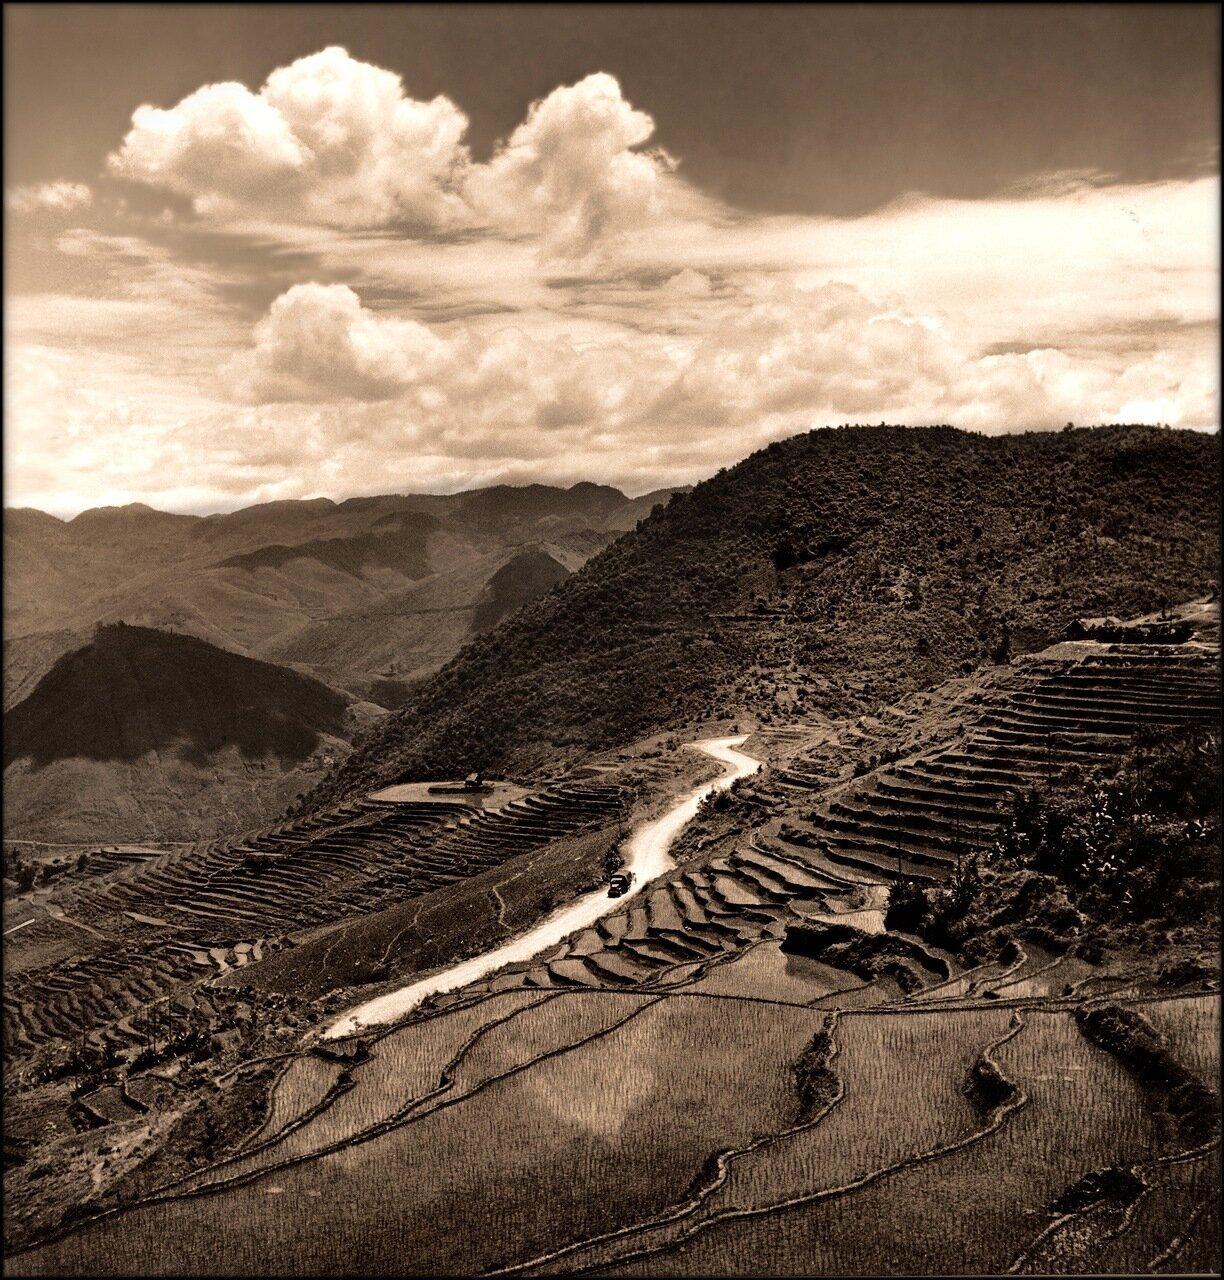 1946. Вид с воздуха на террасные рисовые поля  в горном районе провинции Цзянсу